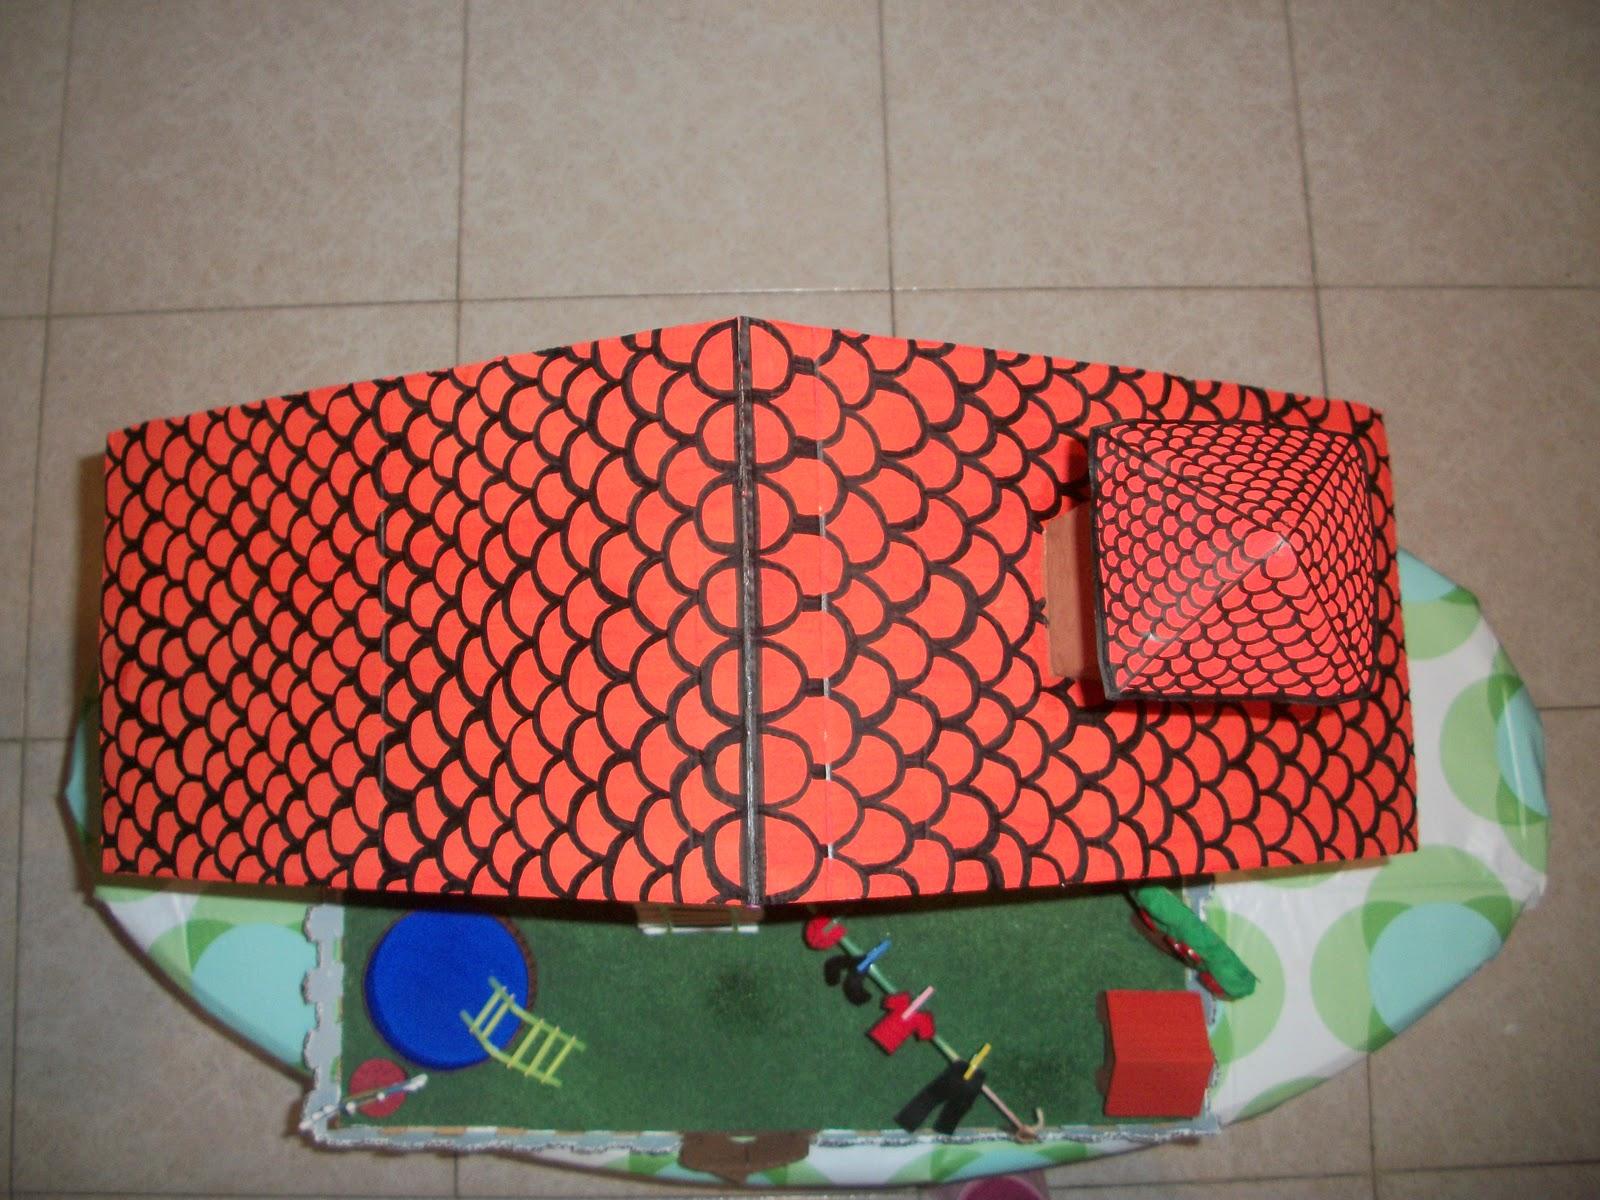 #C01E0C MARAVILLAPINOLANDIA!!: Juguete con materiales reciclados 1600x1200 px Banheiros Decorados Com Material Reciclado 1203